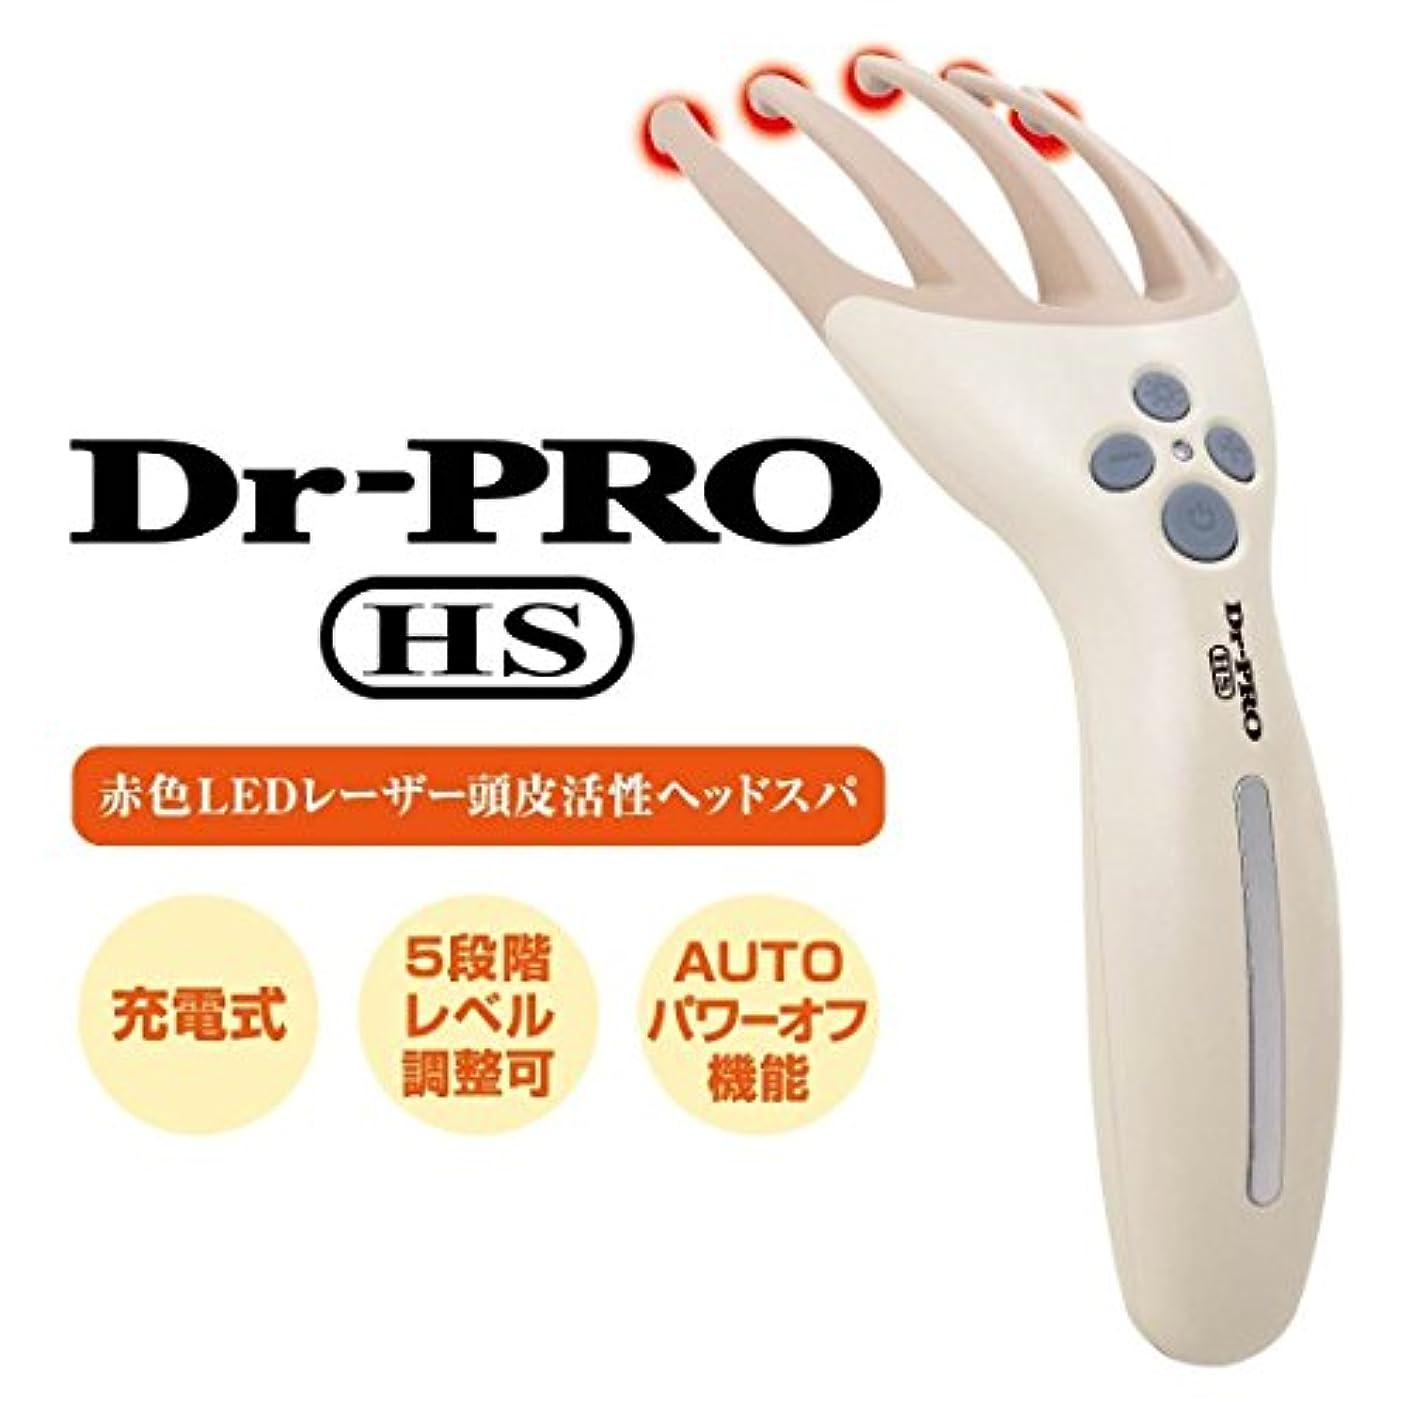 かすかなノーブル反対したDr-PRO HS(ドクタープロ ヘッドスパ)